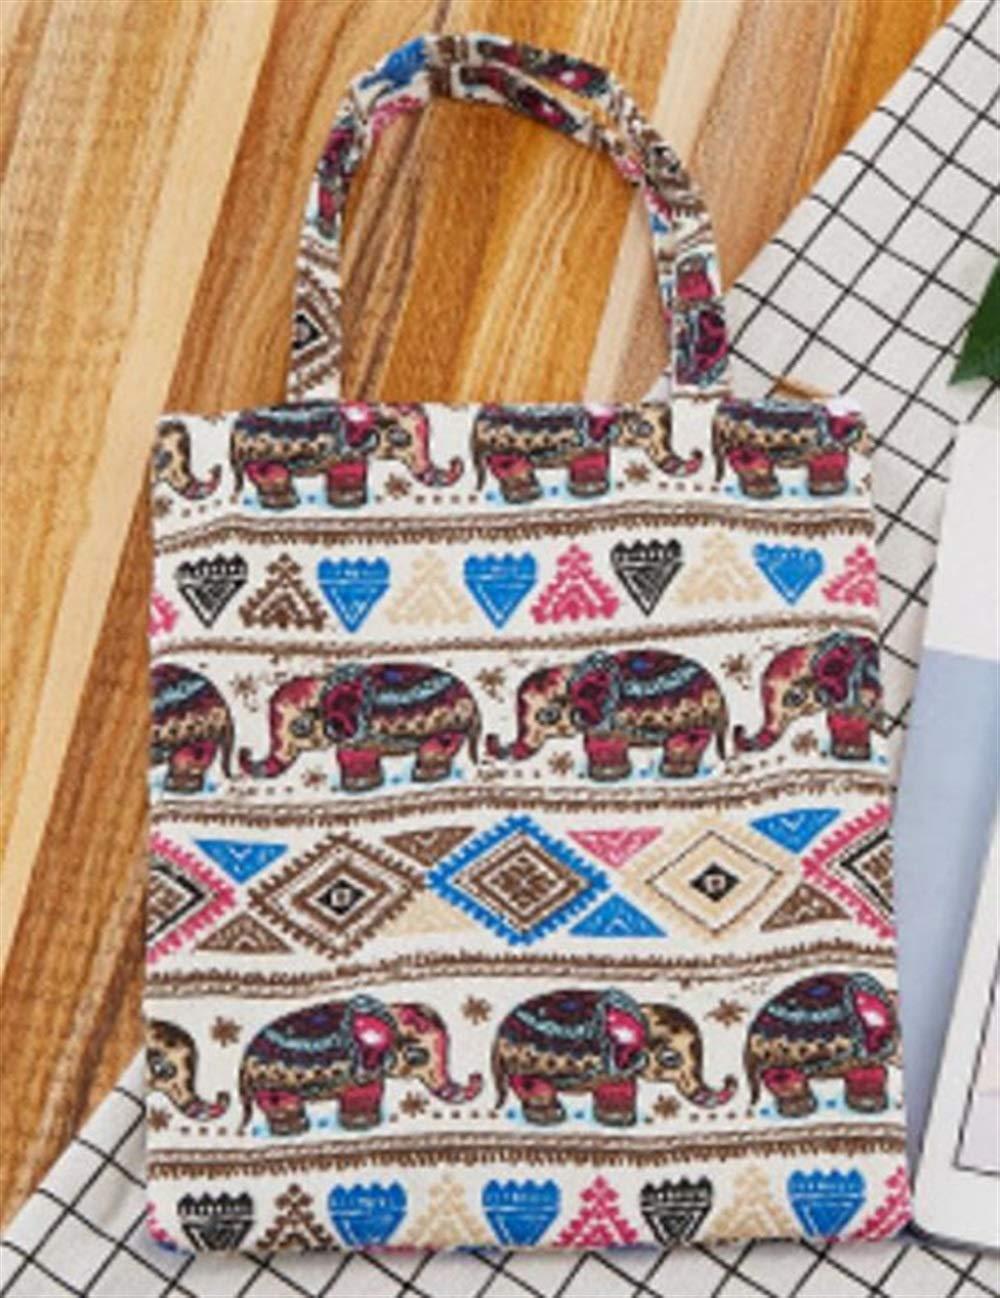 WHXYAA Elephant Printed Canvas Bag Environmentally Friendly Tote Bag Shoulder Bag Tote Bag Ladies Large-Capacity Shopping Bag